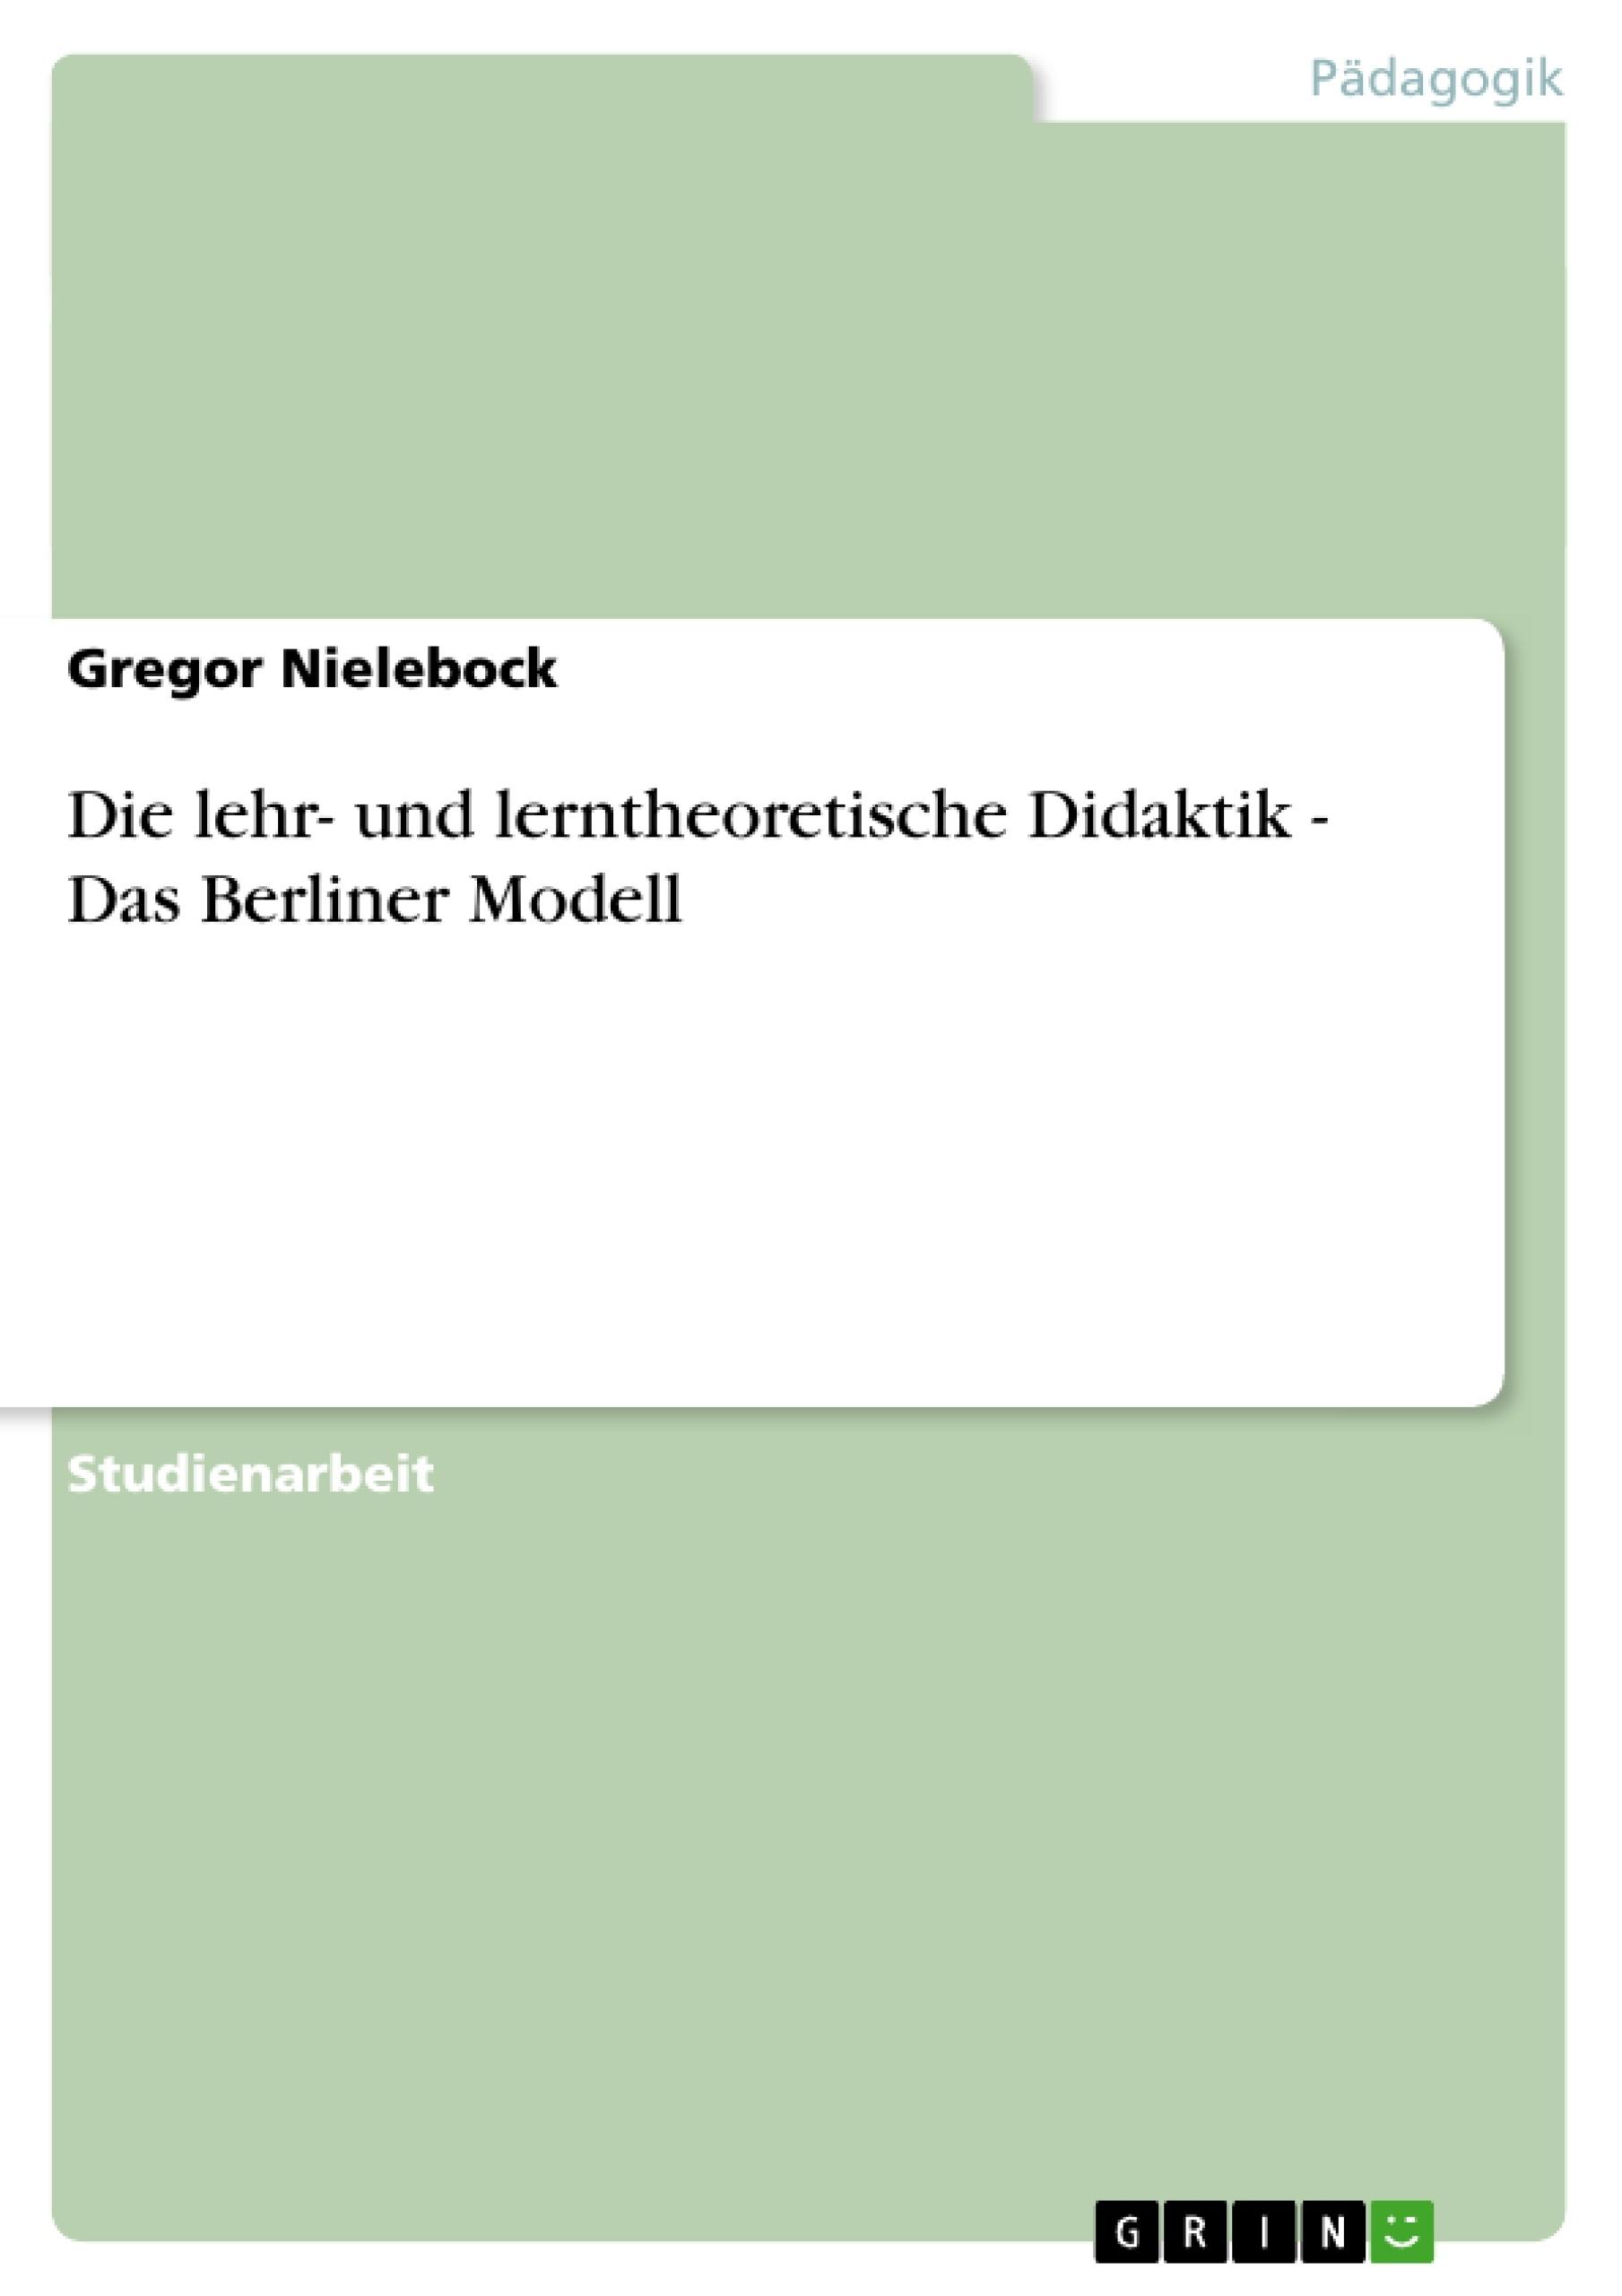 Titel: Die lehr- und lerntheoretische Didaktik - Das Berliner Modell